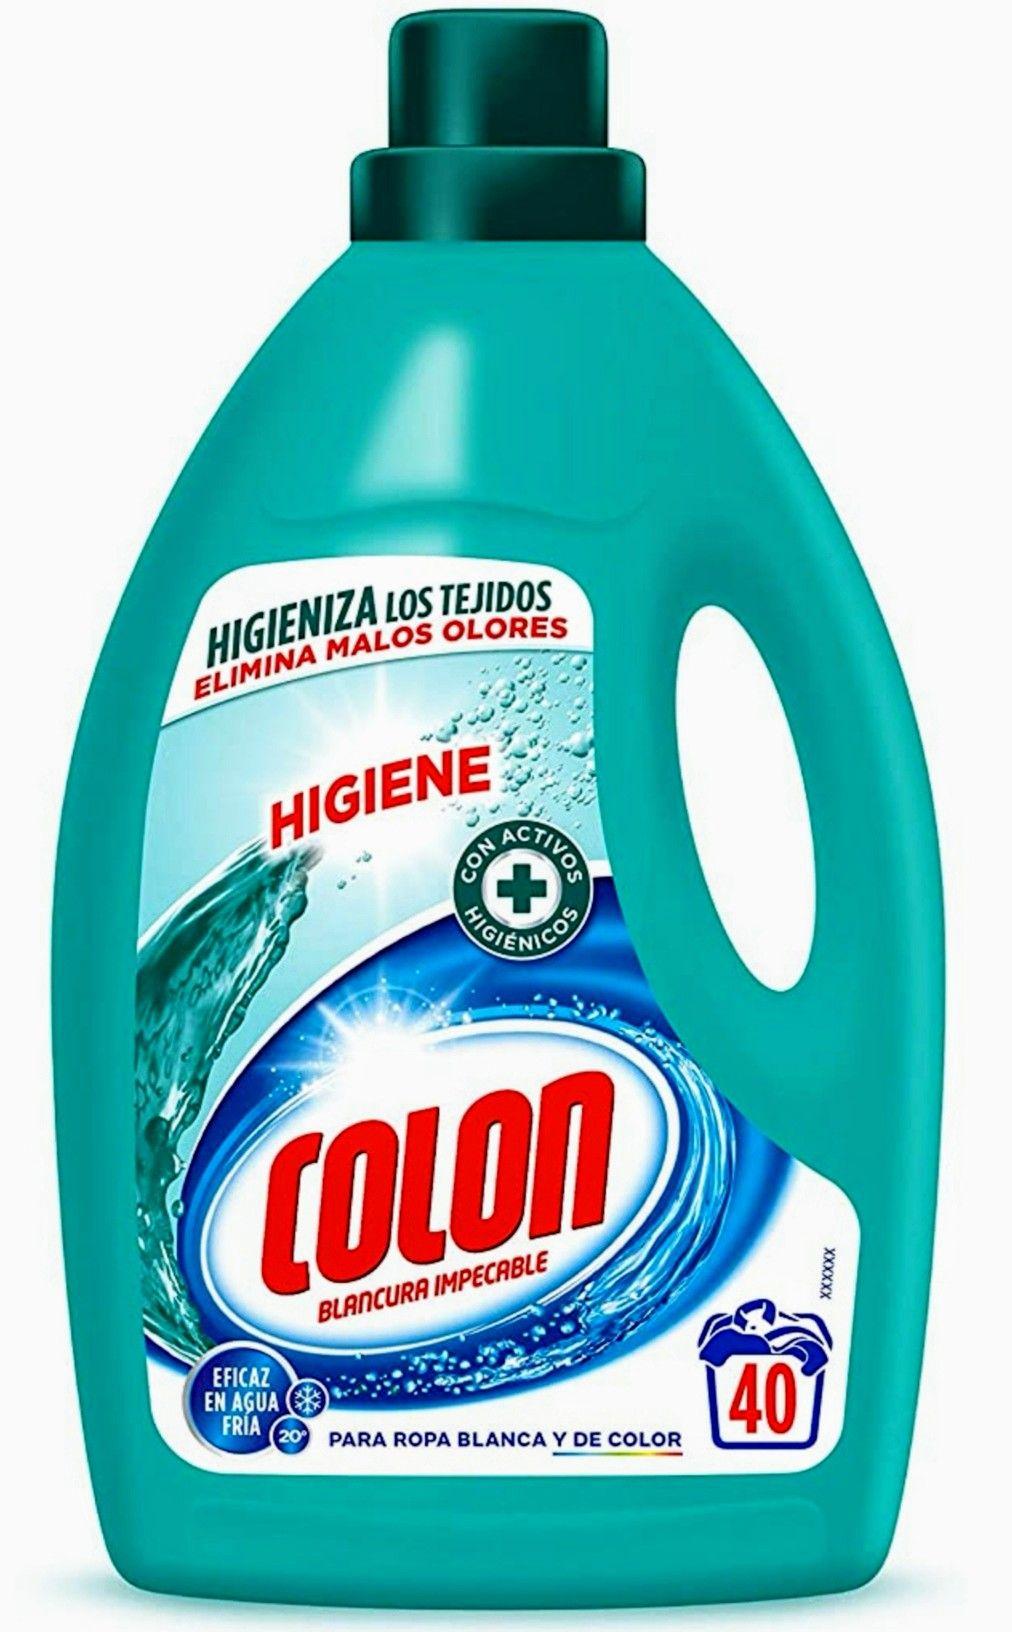 Colon Detergente Líquido Higiene - 40 dosis. (precio al tramitar)